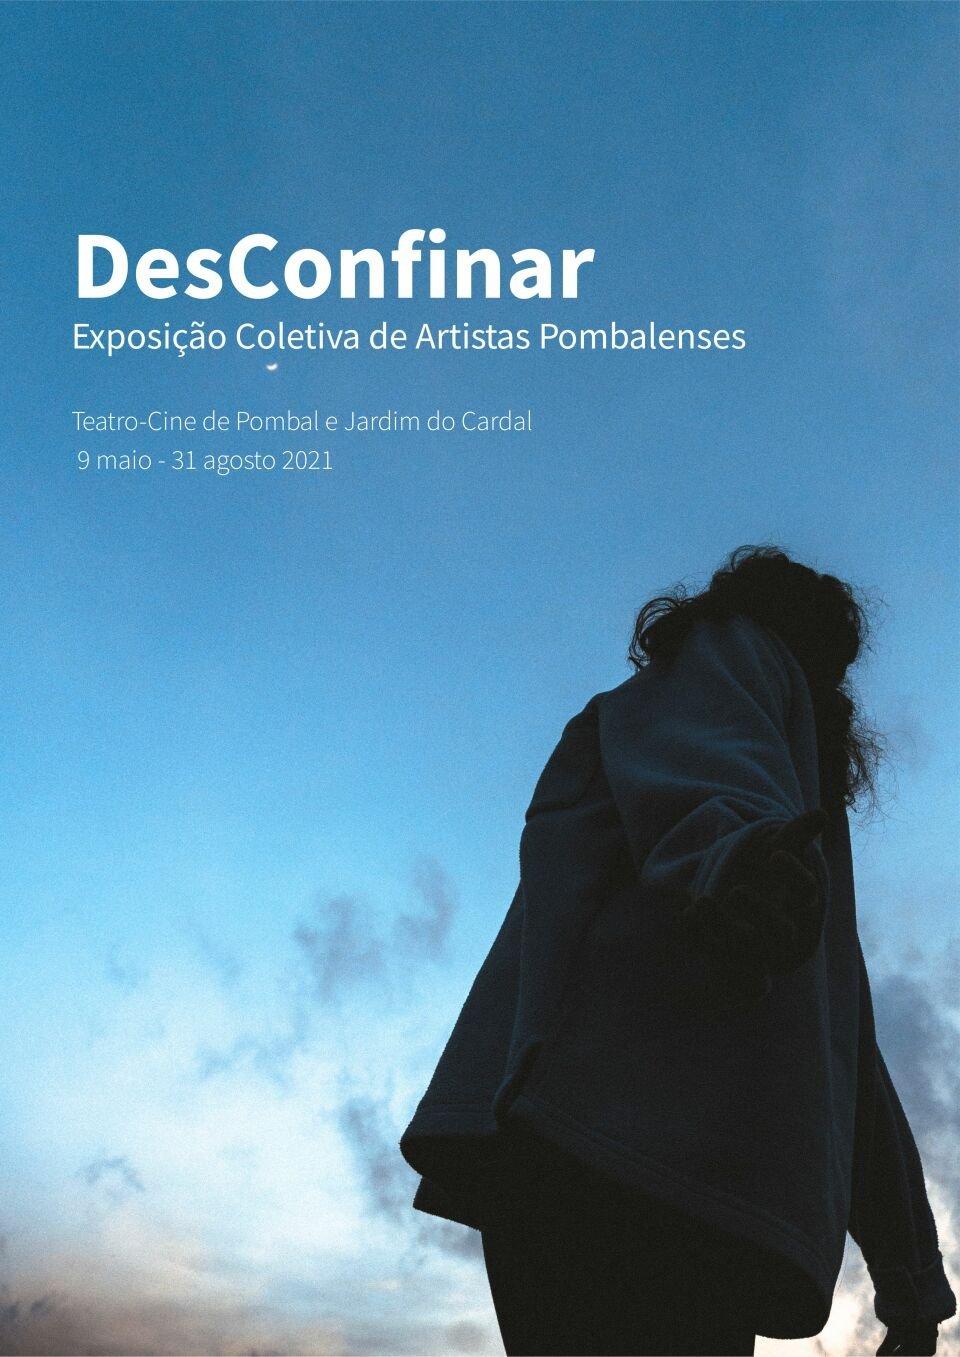 DesConfinar - Exposição Colectiva de Artistas Pombalenses